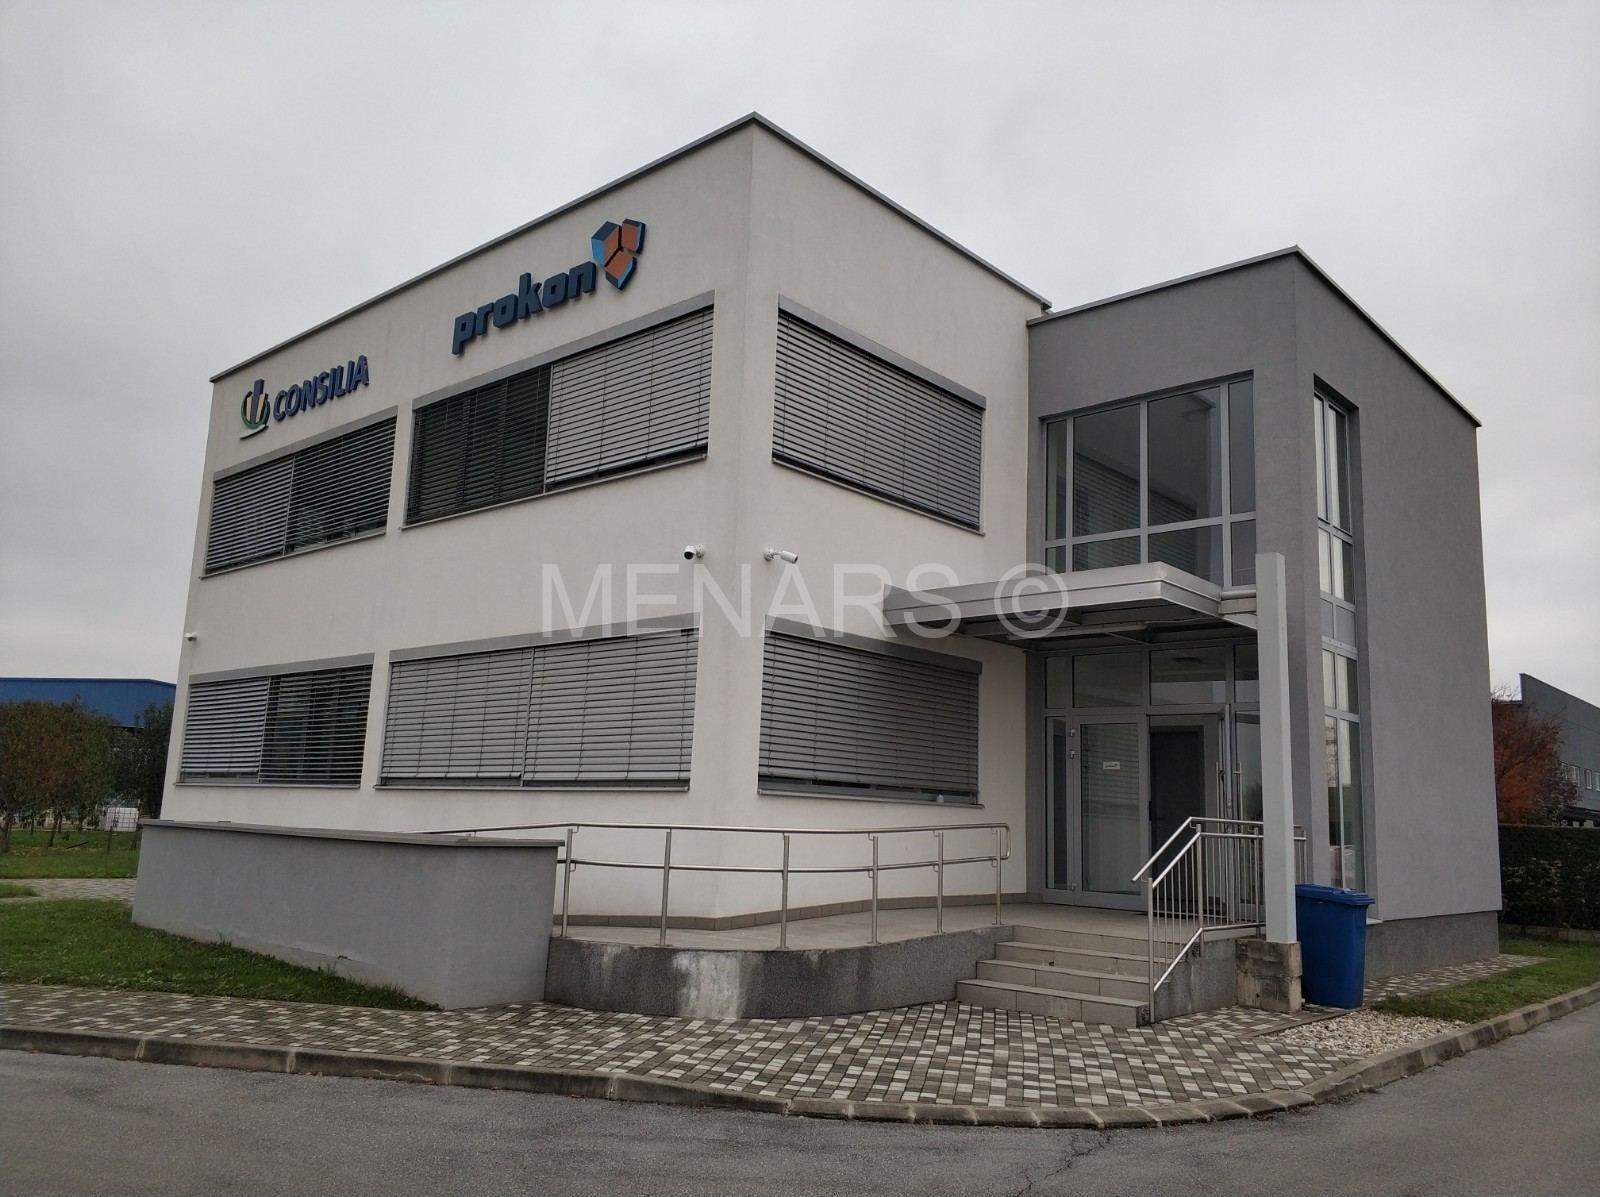 POSLOVNI PROSTOR 173,70 m2, ZAKUP, JALKOVEC